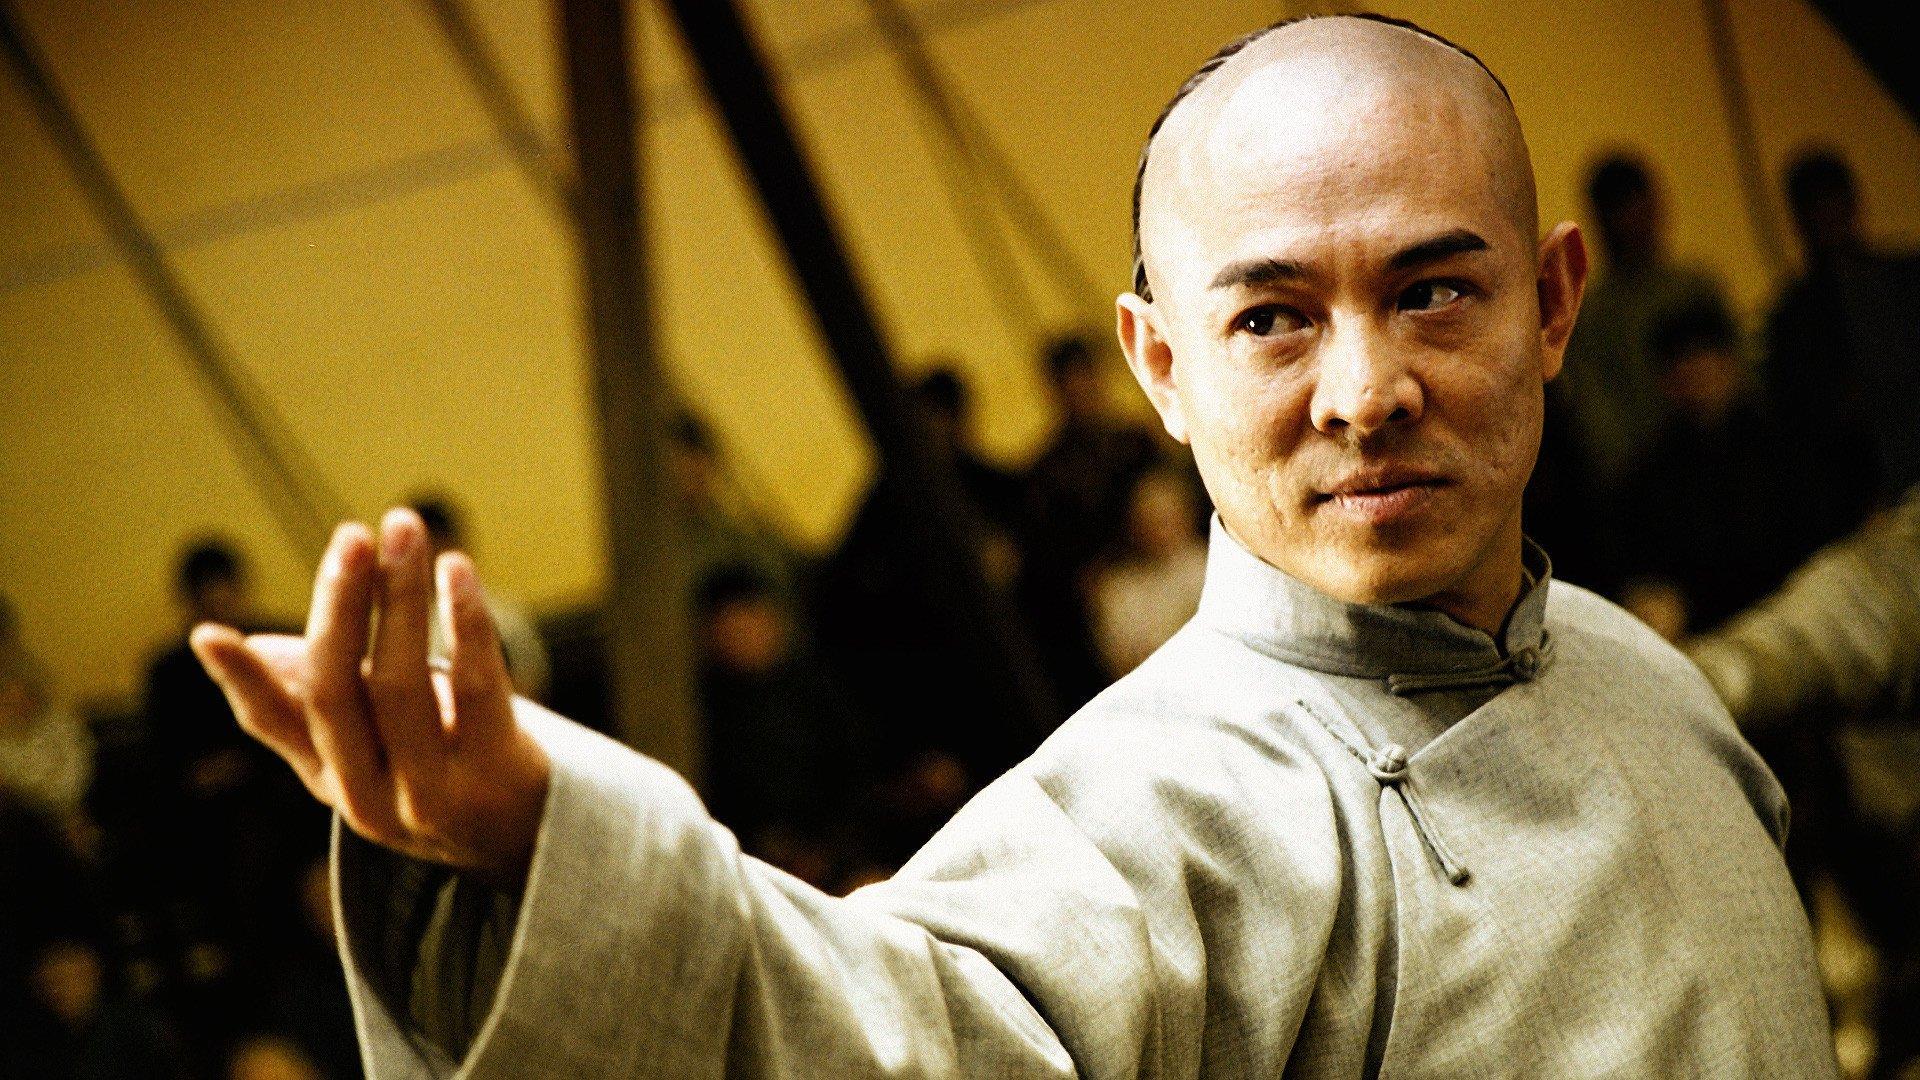 [VÍDEO] La feroz pelea entre un enano puñetero y el maestro de Kung-fu